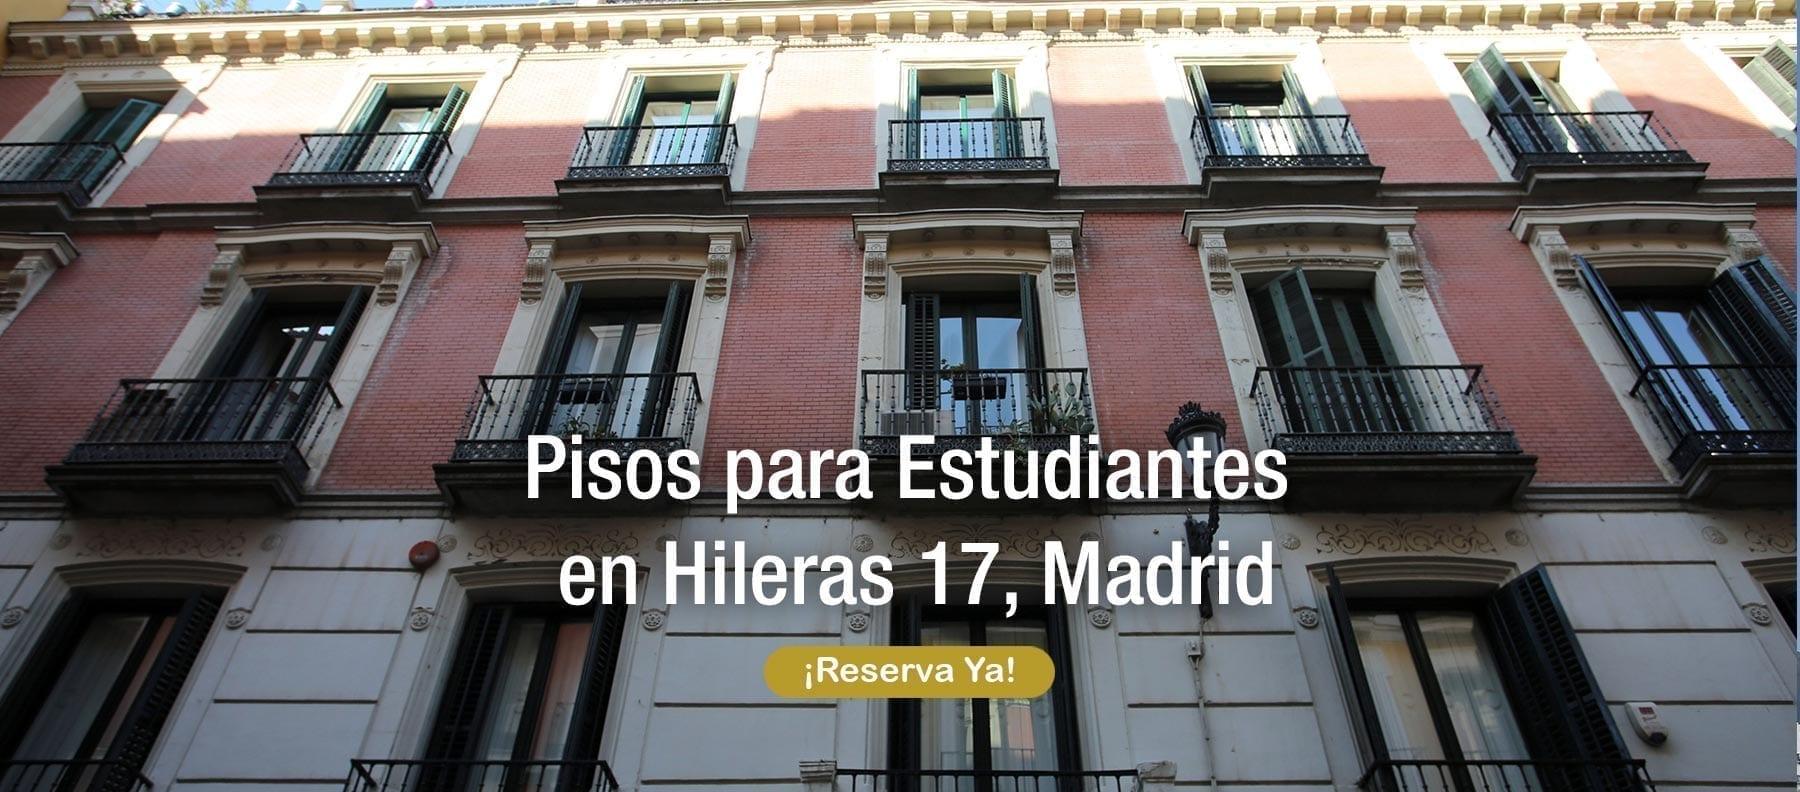 pisos para estudiantes en hileras 17 Madrid